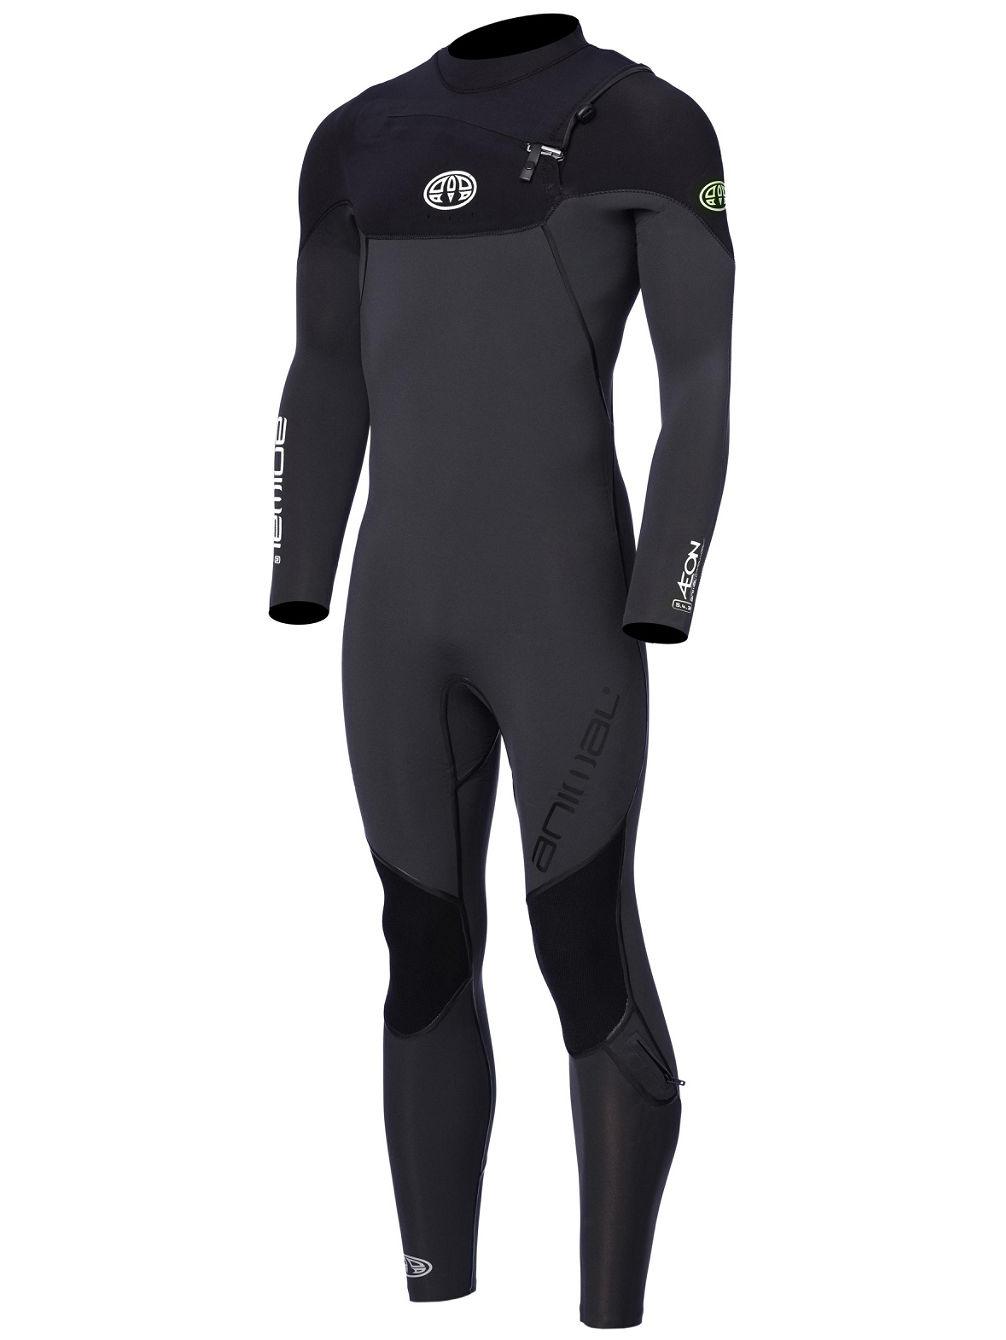 animal-aeon-543-front-zip-wetsuit